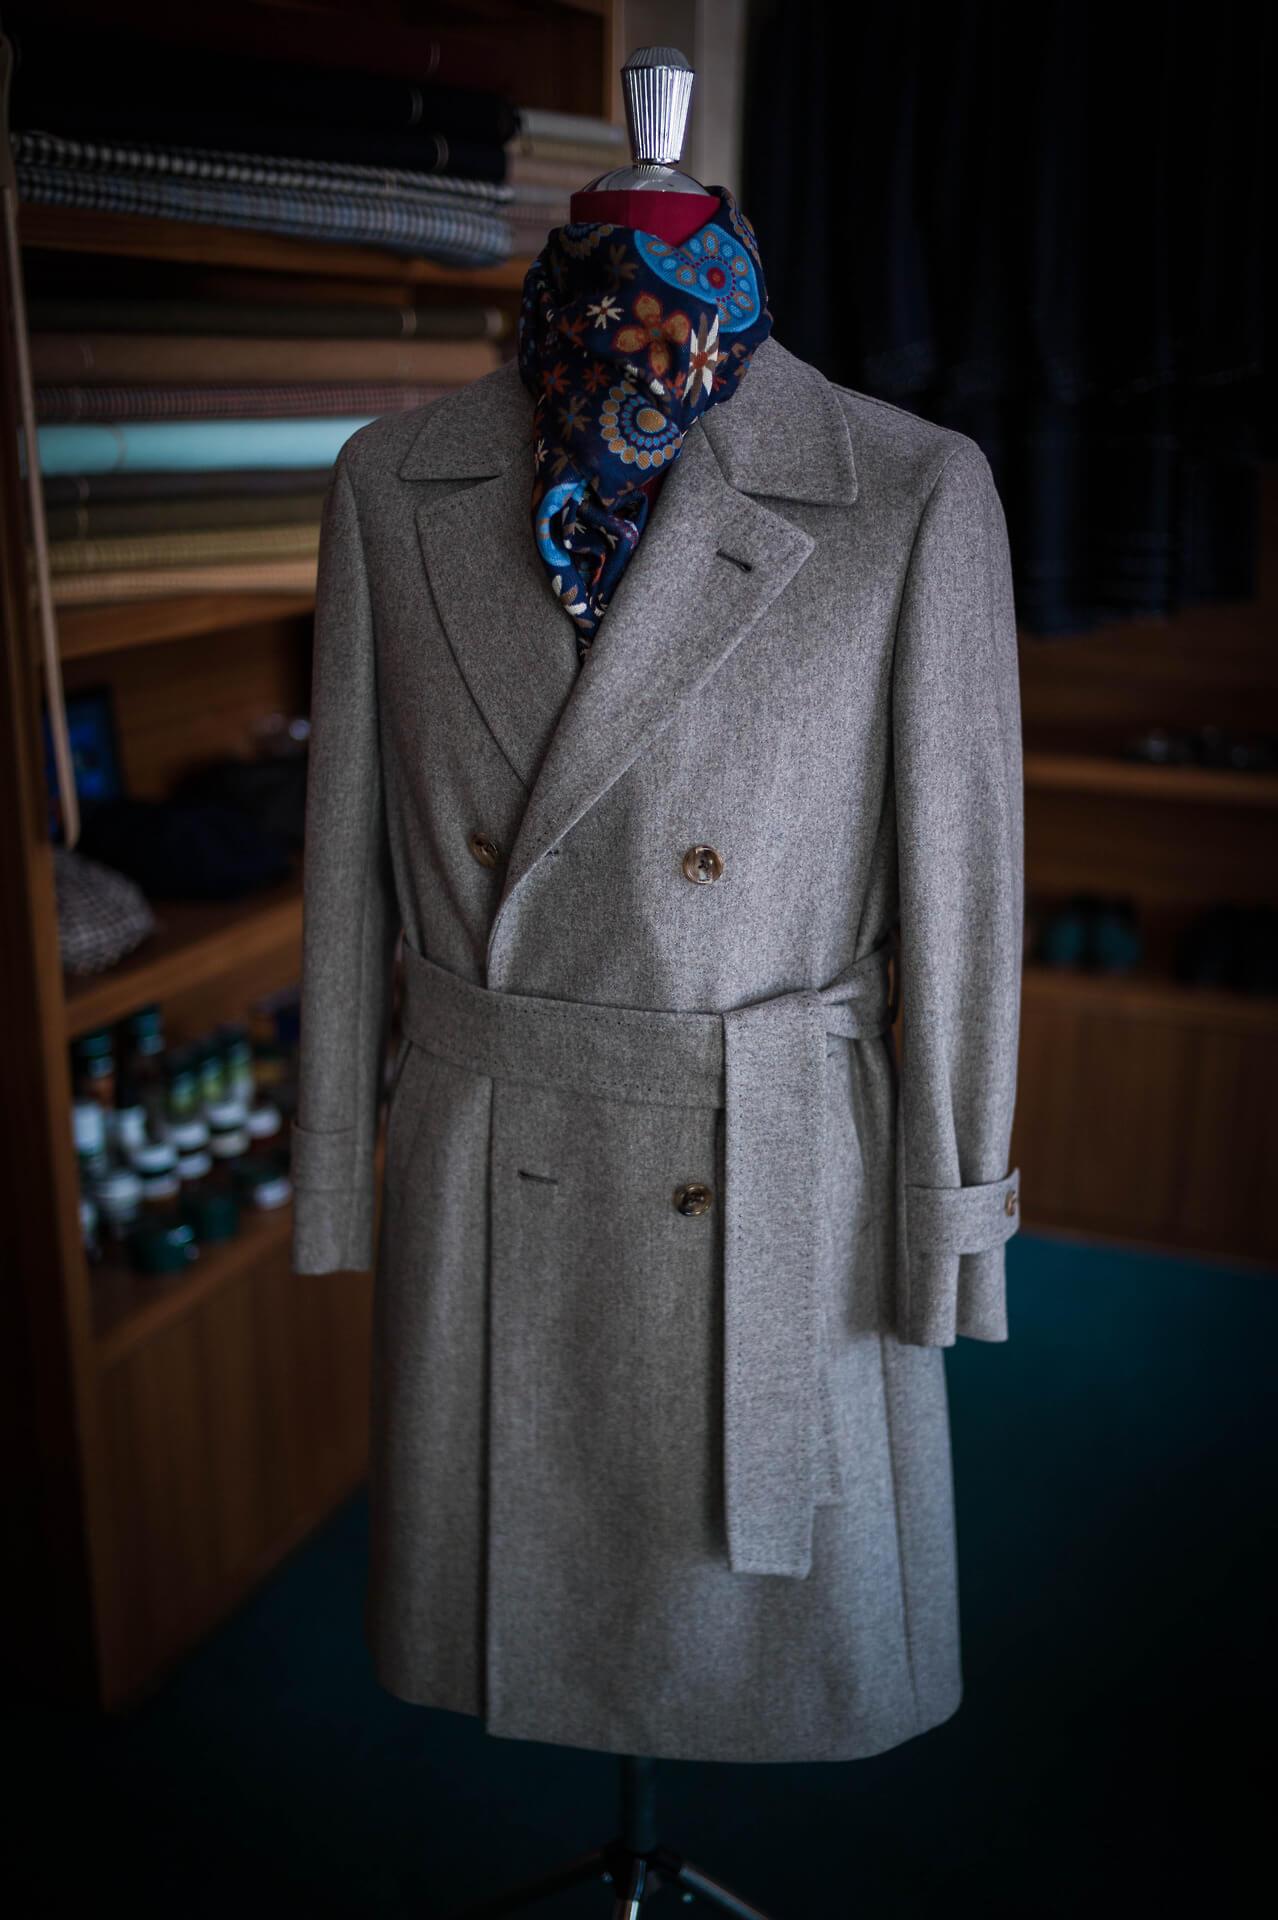 Dây thắt lưng của áo khoác mangto